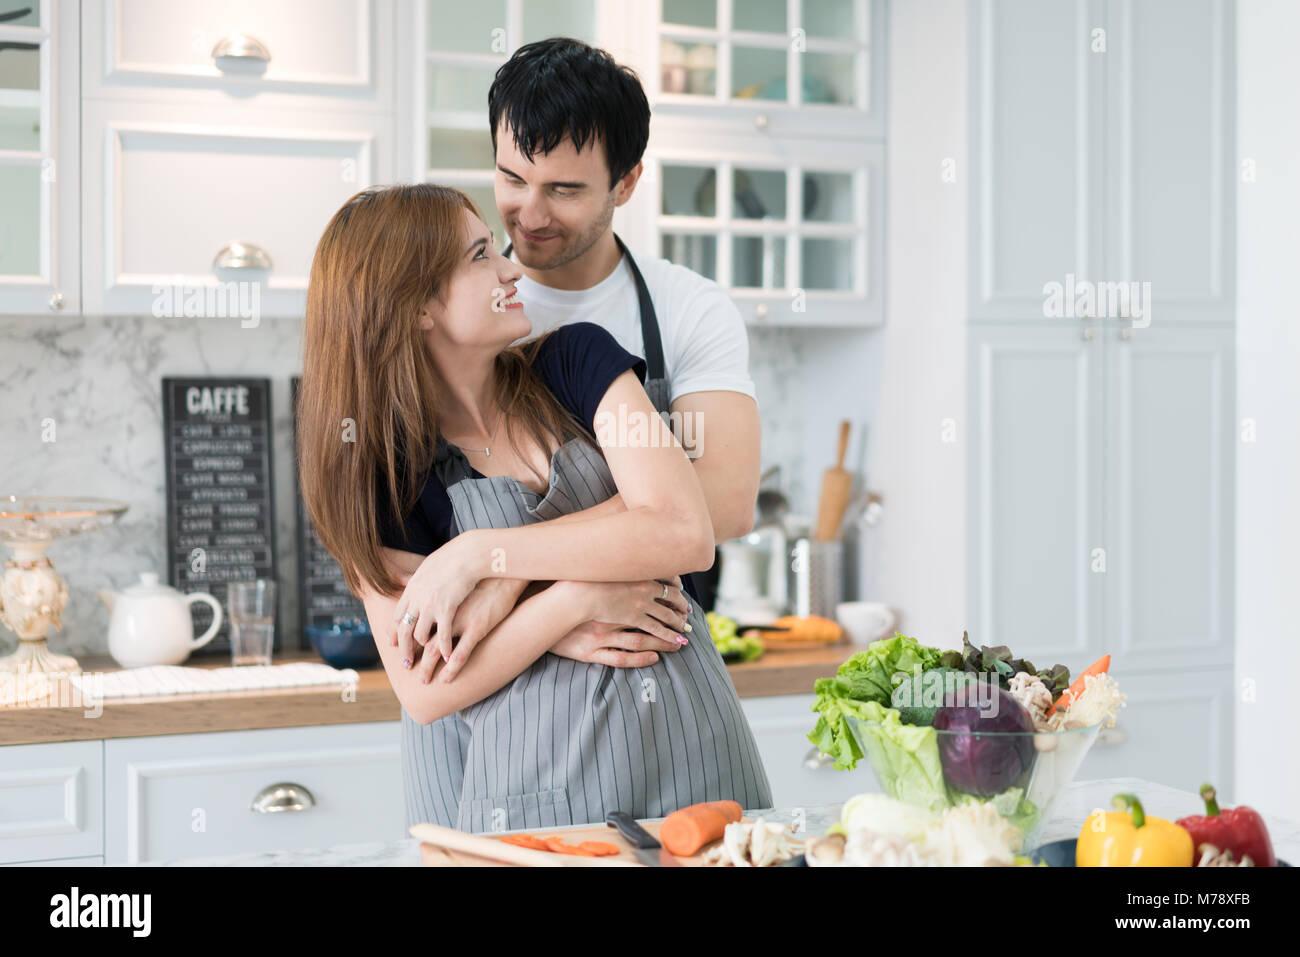 Jeune couple charmant la préparation de repas sain dans la cuisine moderne. Man hugging woman romantique de Photo Stock